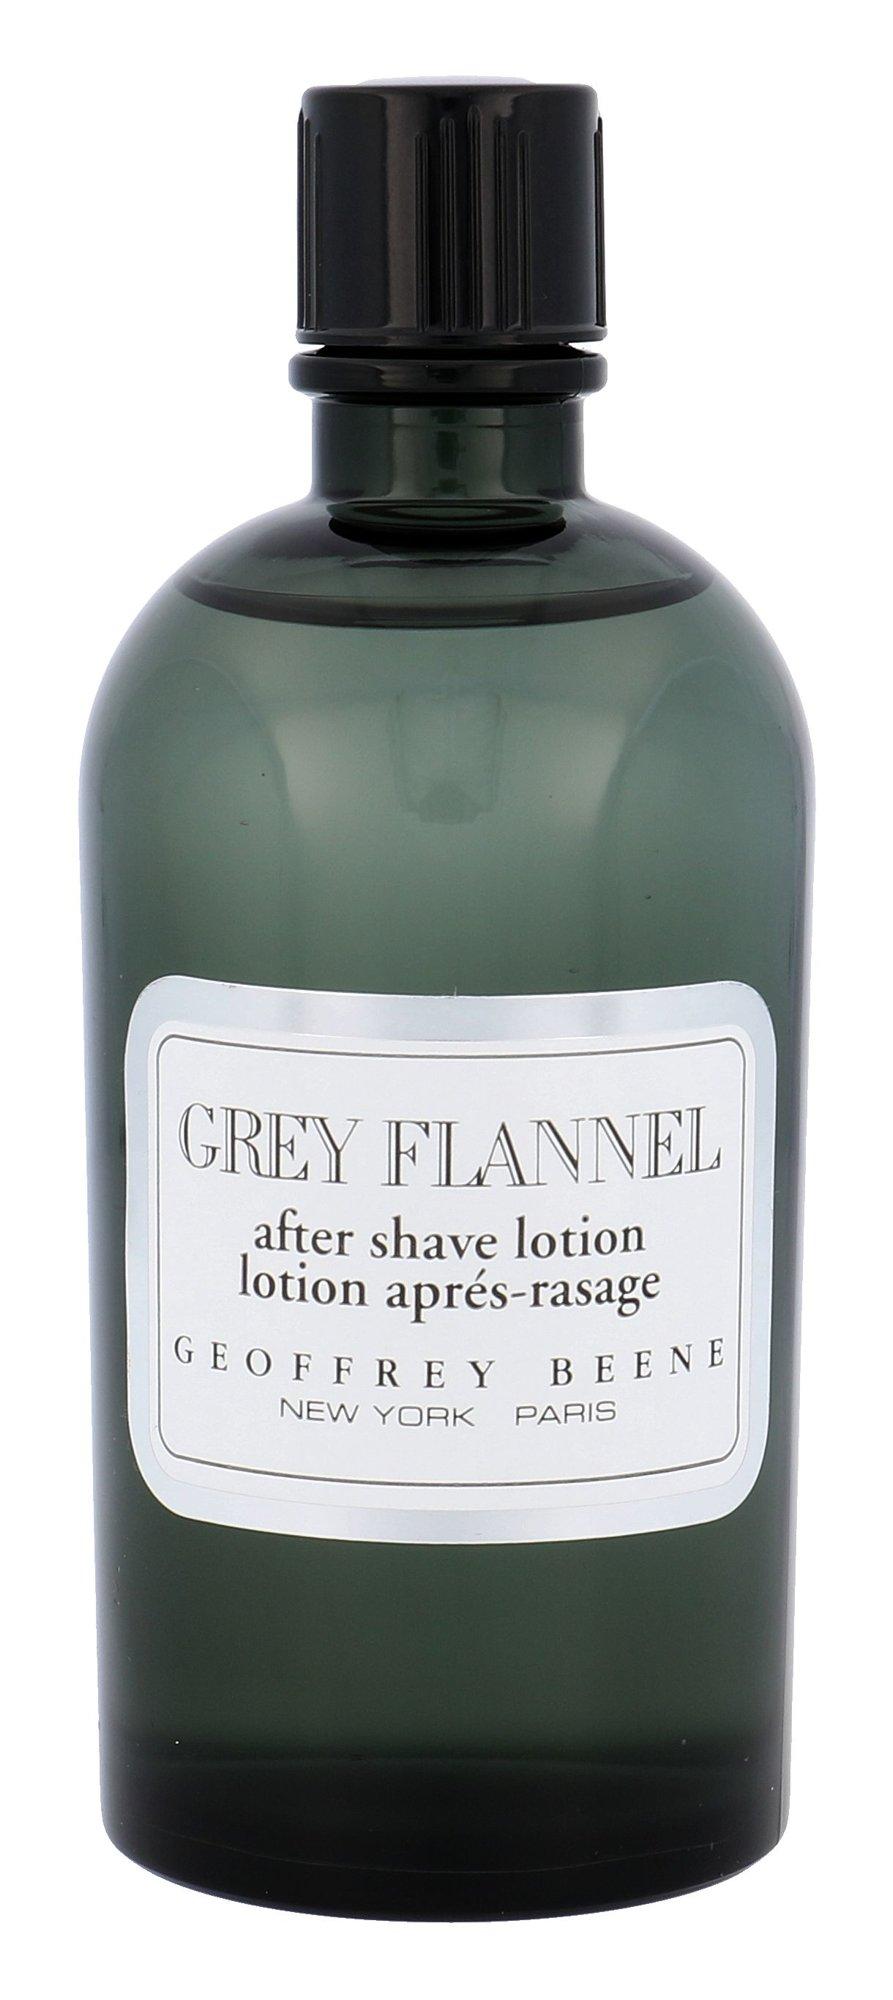 Geoffrey Beene Grey Flannel Aftershave 120ml